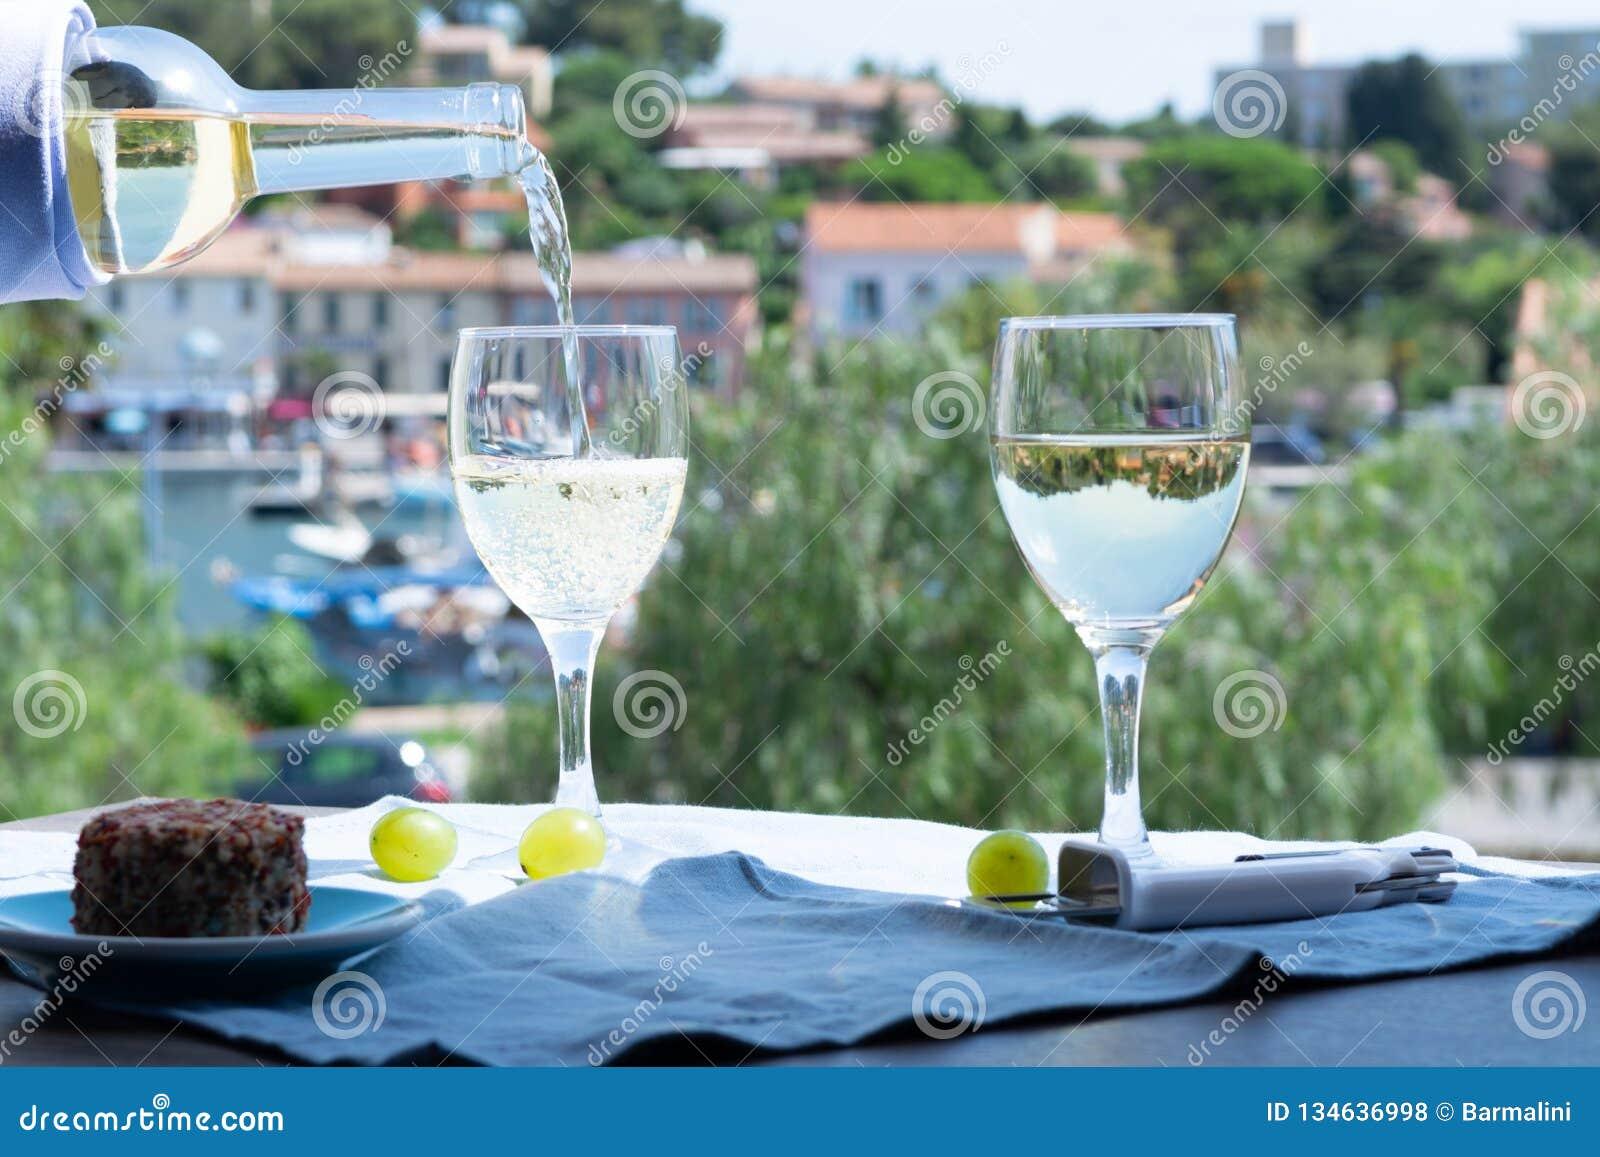 Weißwein von Provence, Frankreich, diente Kälte mit weichem Ziegenkäse auf Terrasse im Freien in zwei Weingläsern